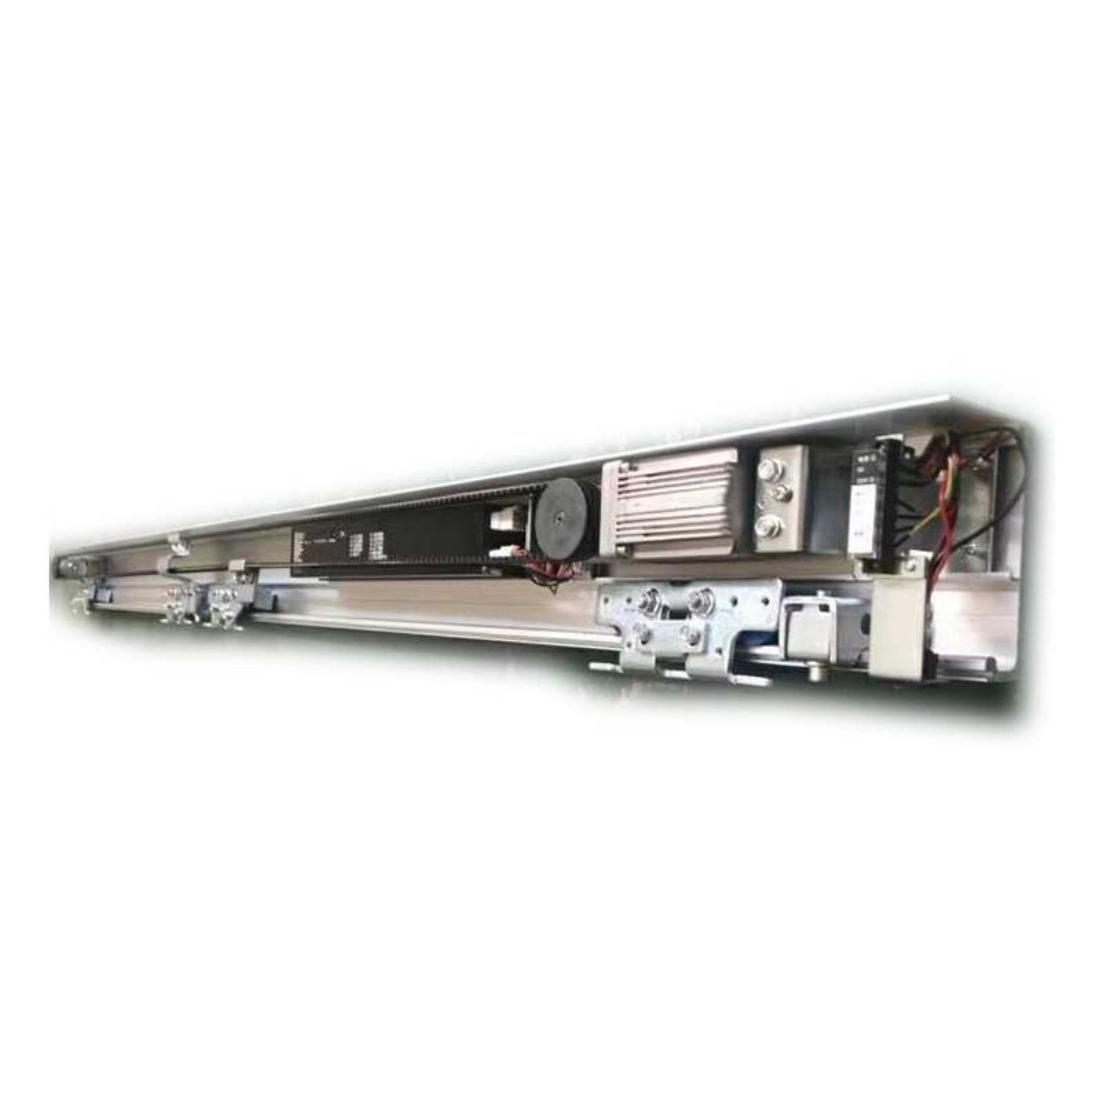 ประตูออโต้ SET AUTO CAS (รางยาว 4.2 เมตร) ไต้หวัน